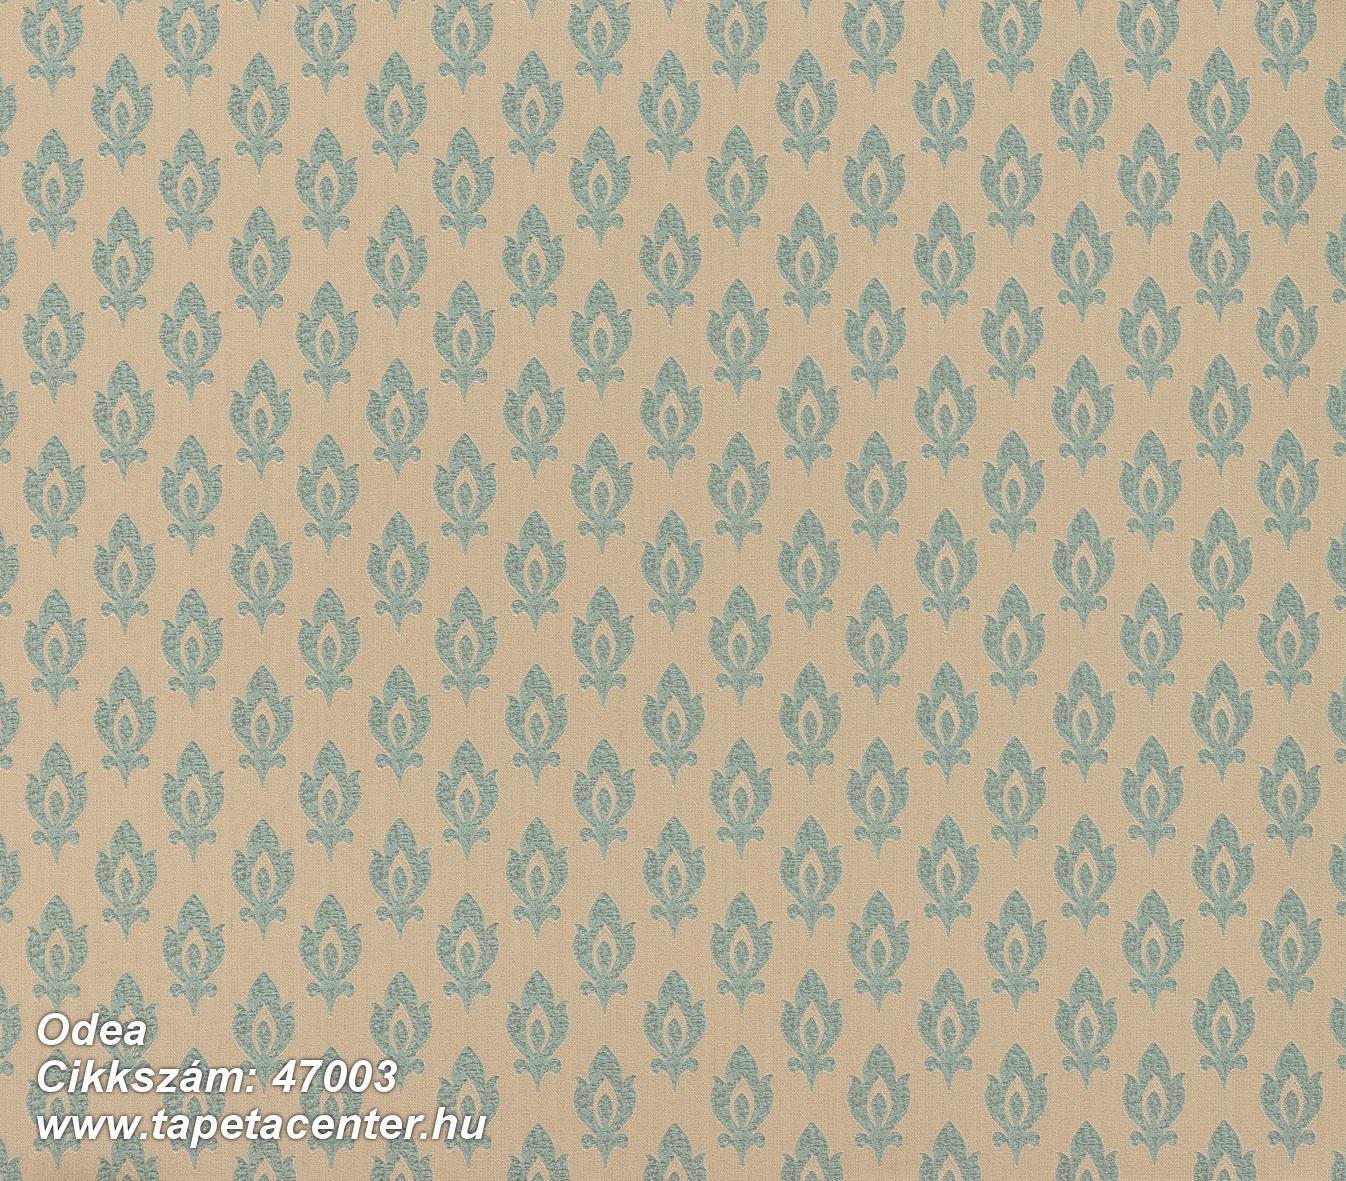 Odea - 47003 Olasz tapéta